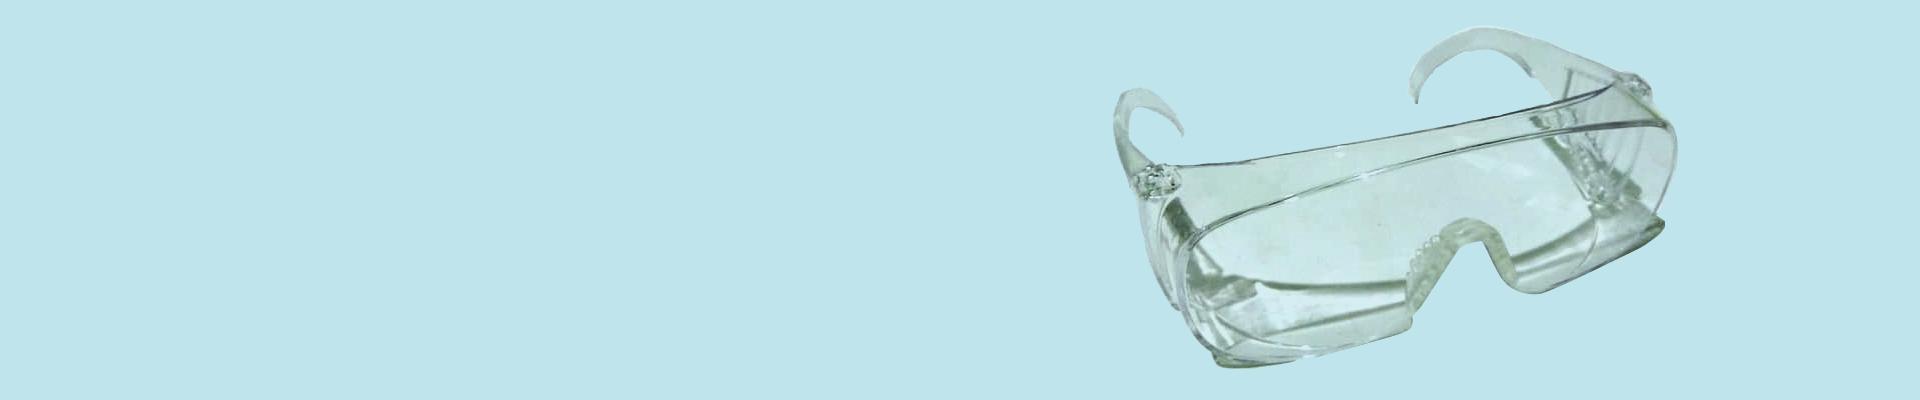 Jual Safety Glasses Terlengkap & Berkualitas - Harga Murah